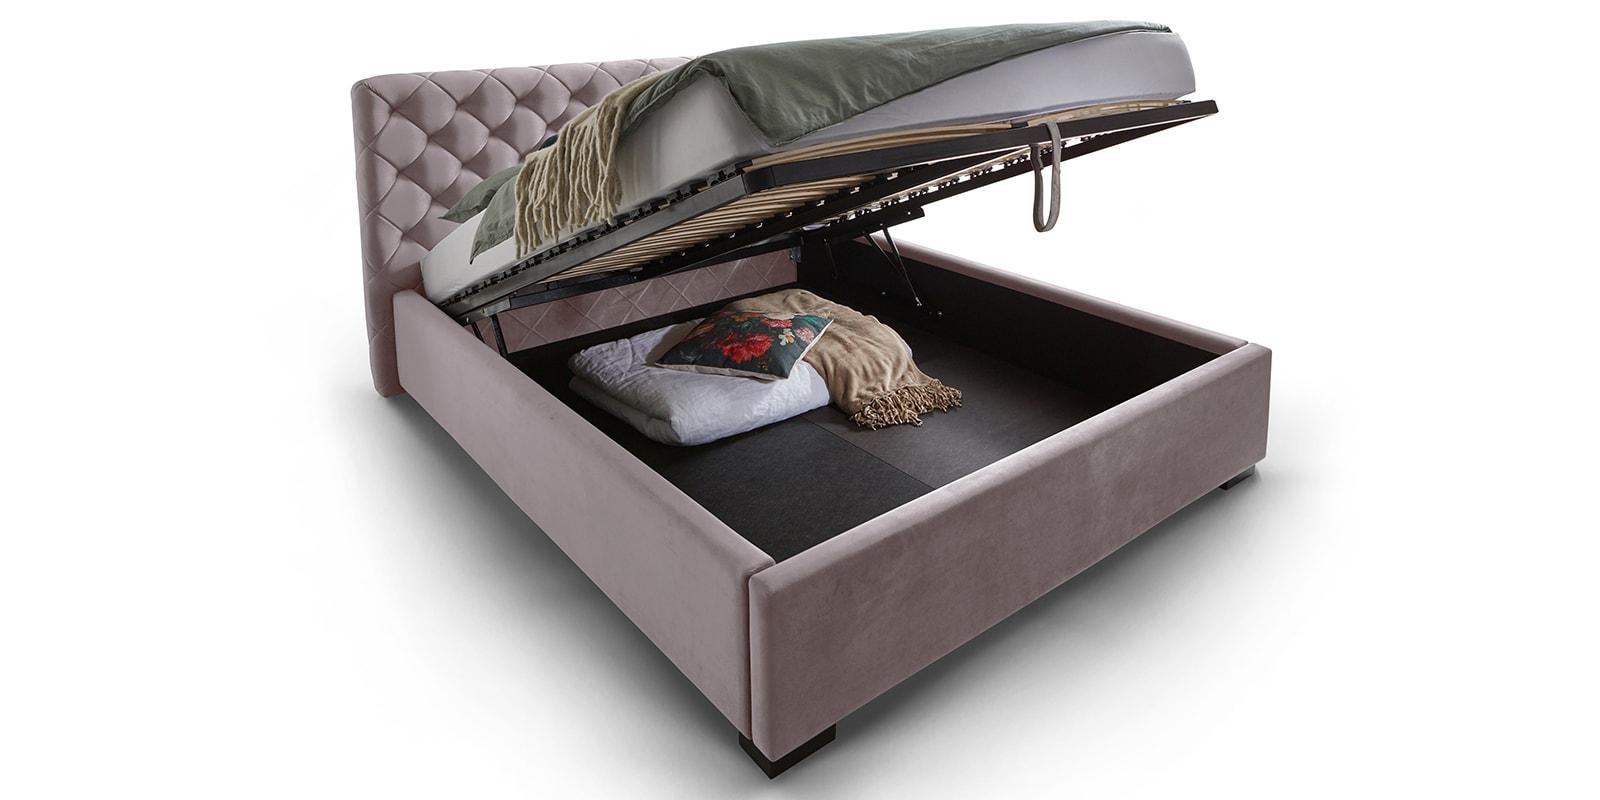 Moebella24 - Bett - mit - Bettkasten - Elsa - Samt - Rose - Stauraum - Lattenrost - mit - Metallrahmen - Polsterbett - Hochklappbar - Verstärkte Dämpfer - Von vorne links